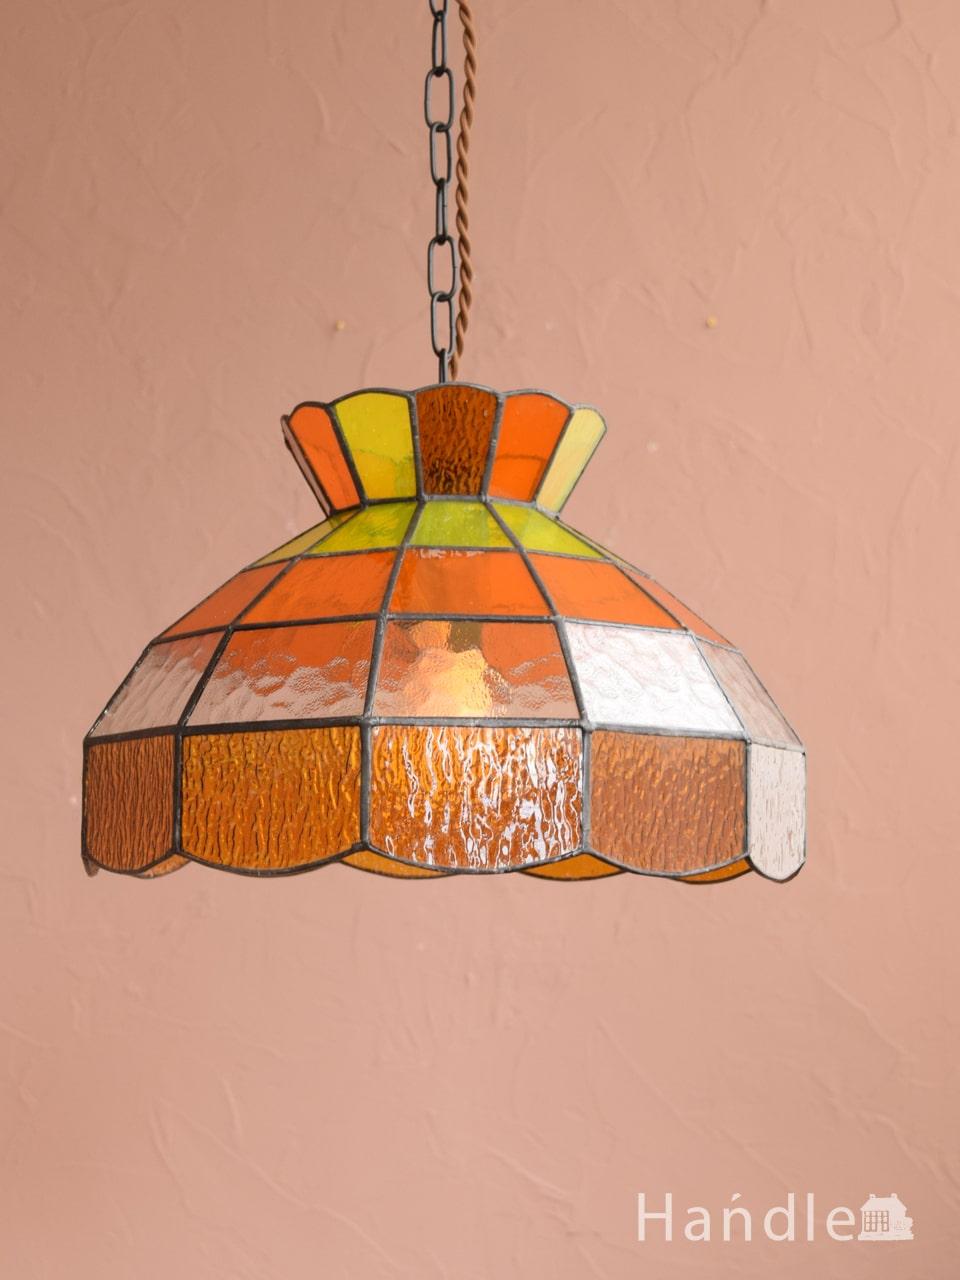 アンティーク調のおしゃれな照明、レトロな雰囲気のペンダントライト(オレンジ・E26型LED電球付き・コードセット)  (pl-315)